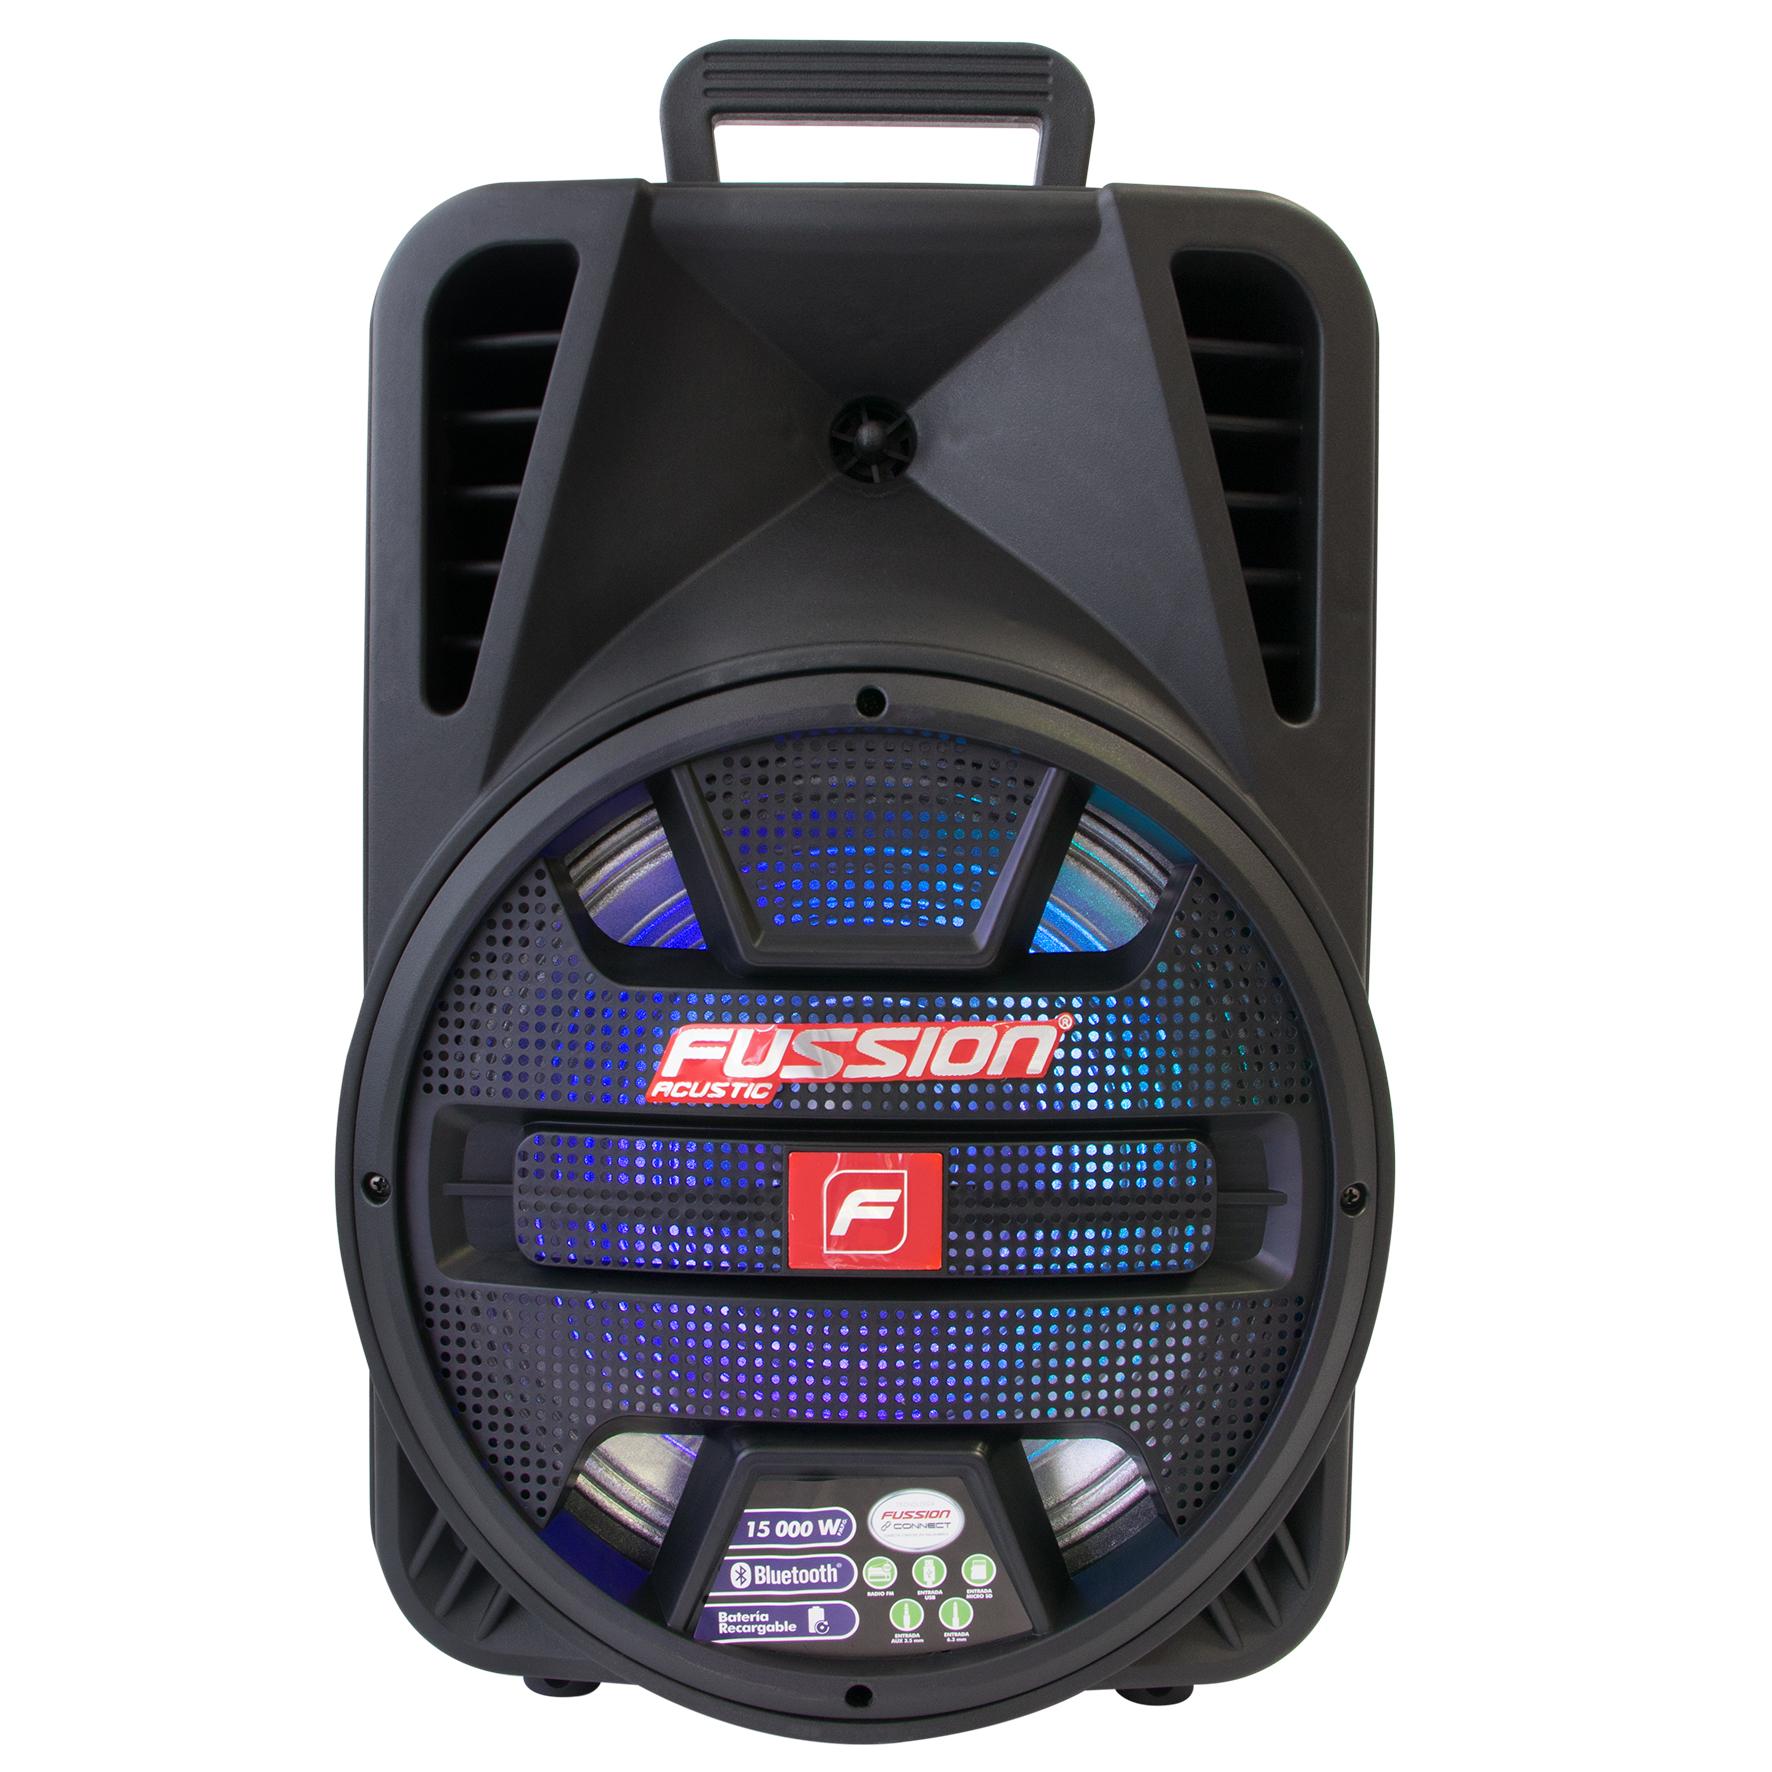 """Imagen de BAFLE AMPLIFICADO 12"""" 15 000 W PMPO/TWS/RECARGABLE/BT/FM/USB/MICRO SD/AUX/6.3 mm/LUZ LED"""